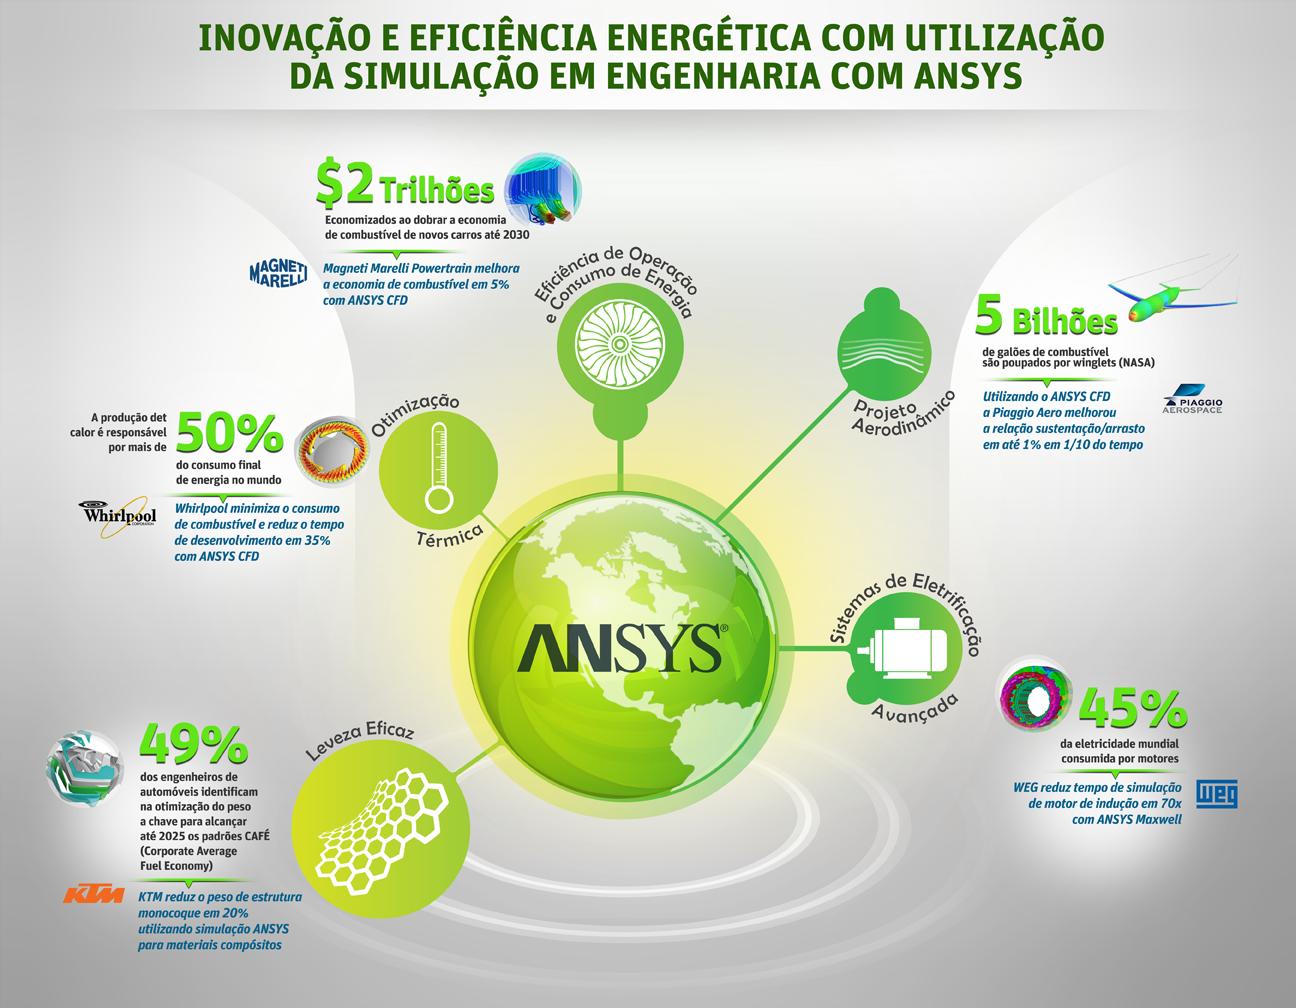 inovacao-e-eficiencia-energetica-com-utilizacao-da-simulacao-em-engenharia-com-ansys